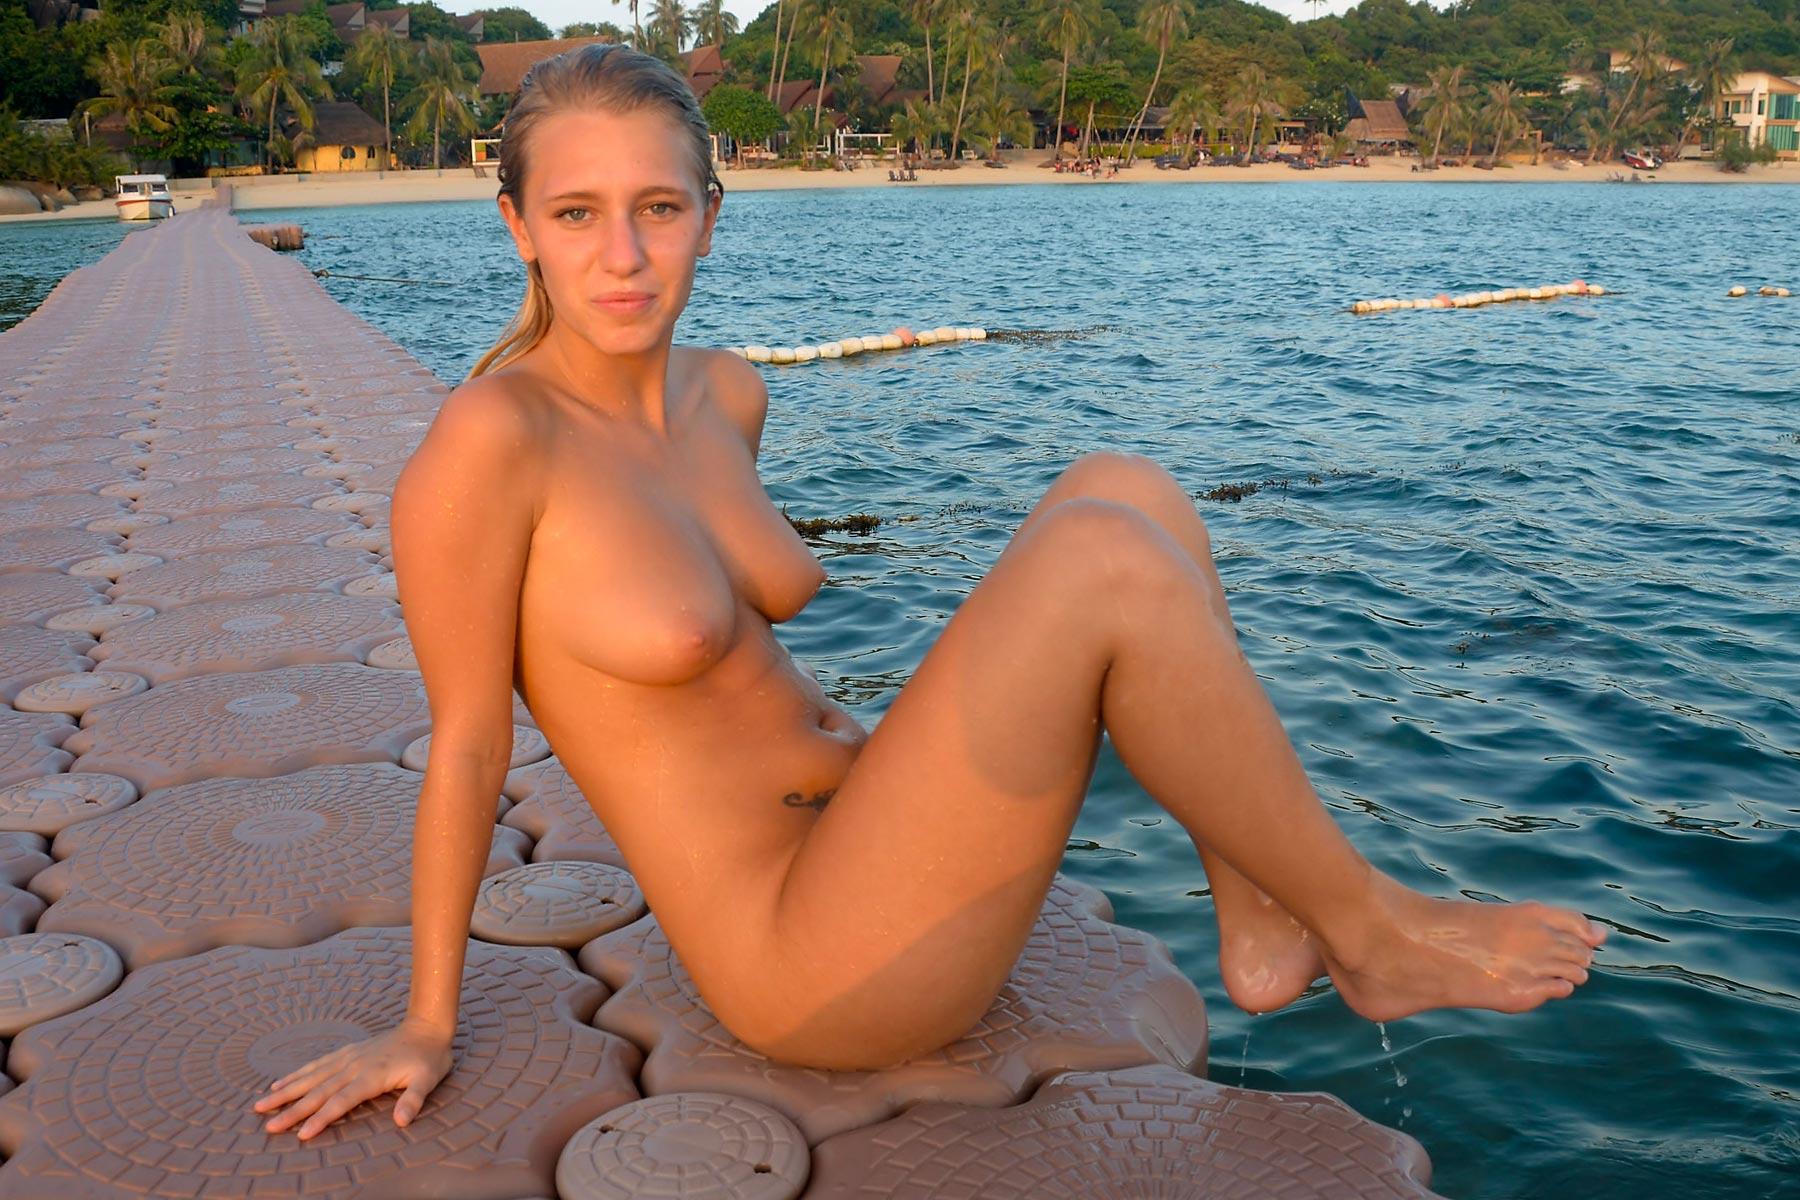 tereza-blonde-thailand-holiday-public-naked-seaside-28